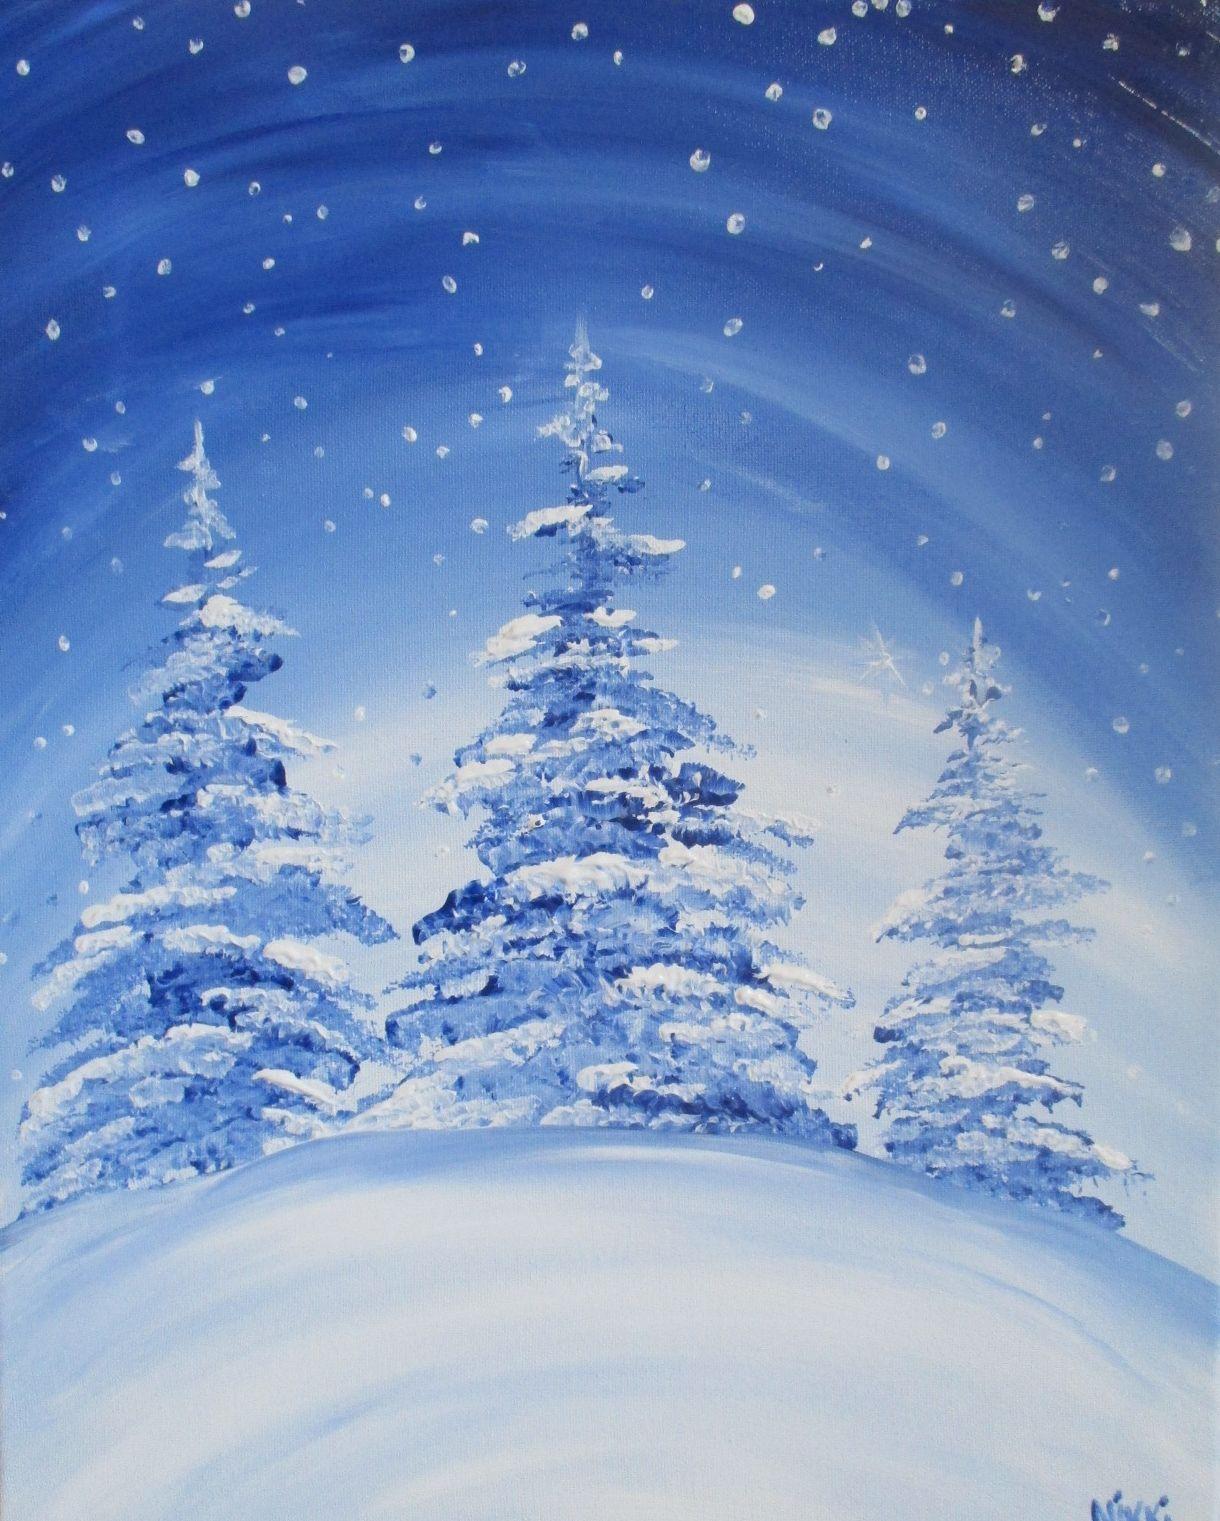 Christmas Snow At Twang Southern Tastes And Sounds